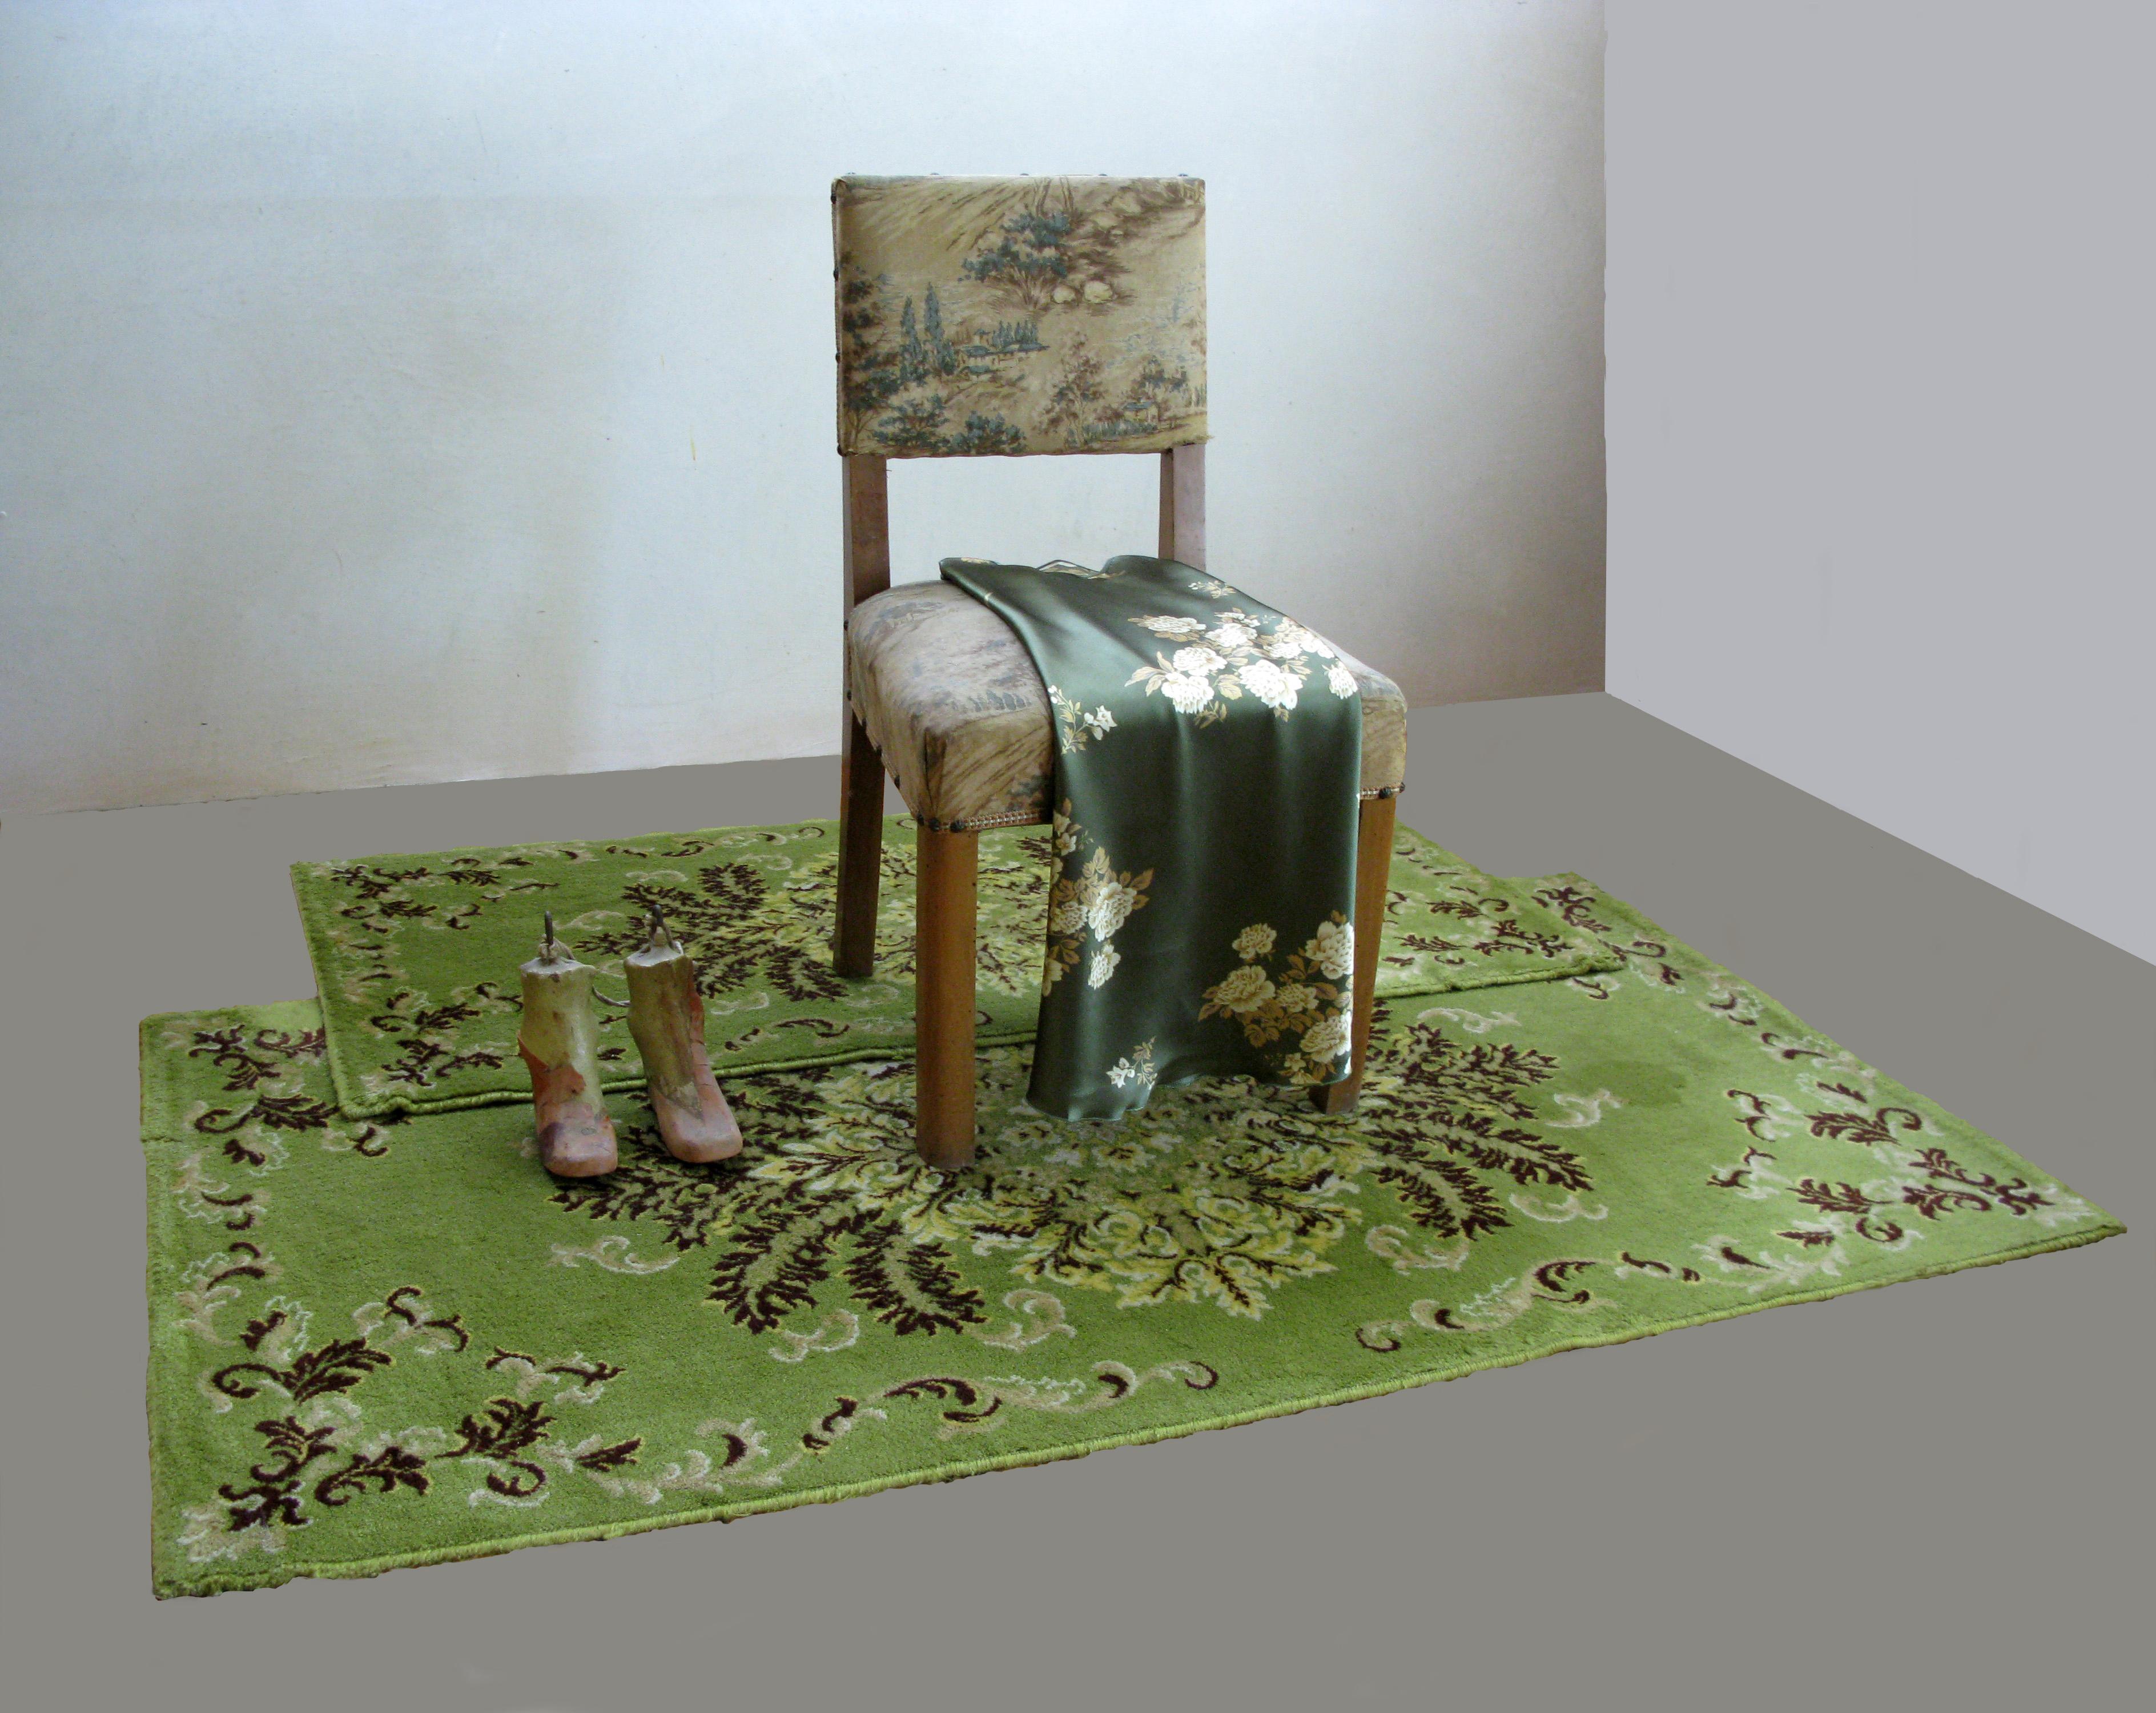 Cristina Treppo_Room, 2008_installazione ambientale con tappeti, sedie, sottoveste, calchi ortopedici in gesso_159x127x79cm_2jpg